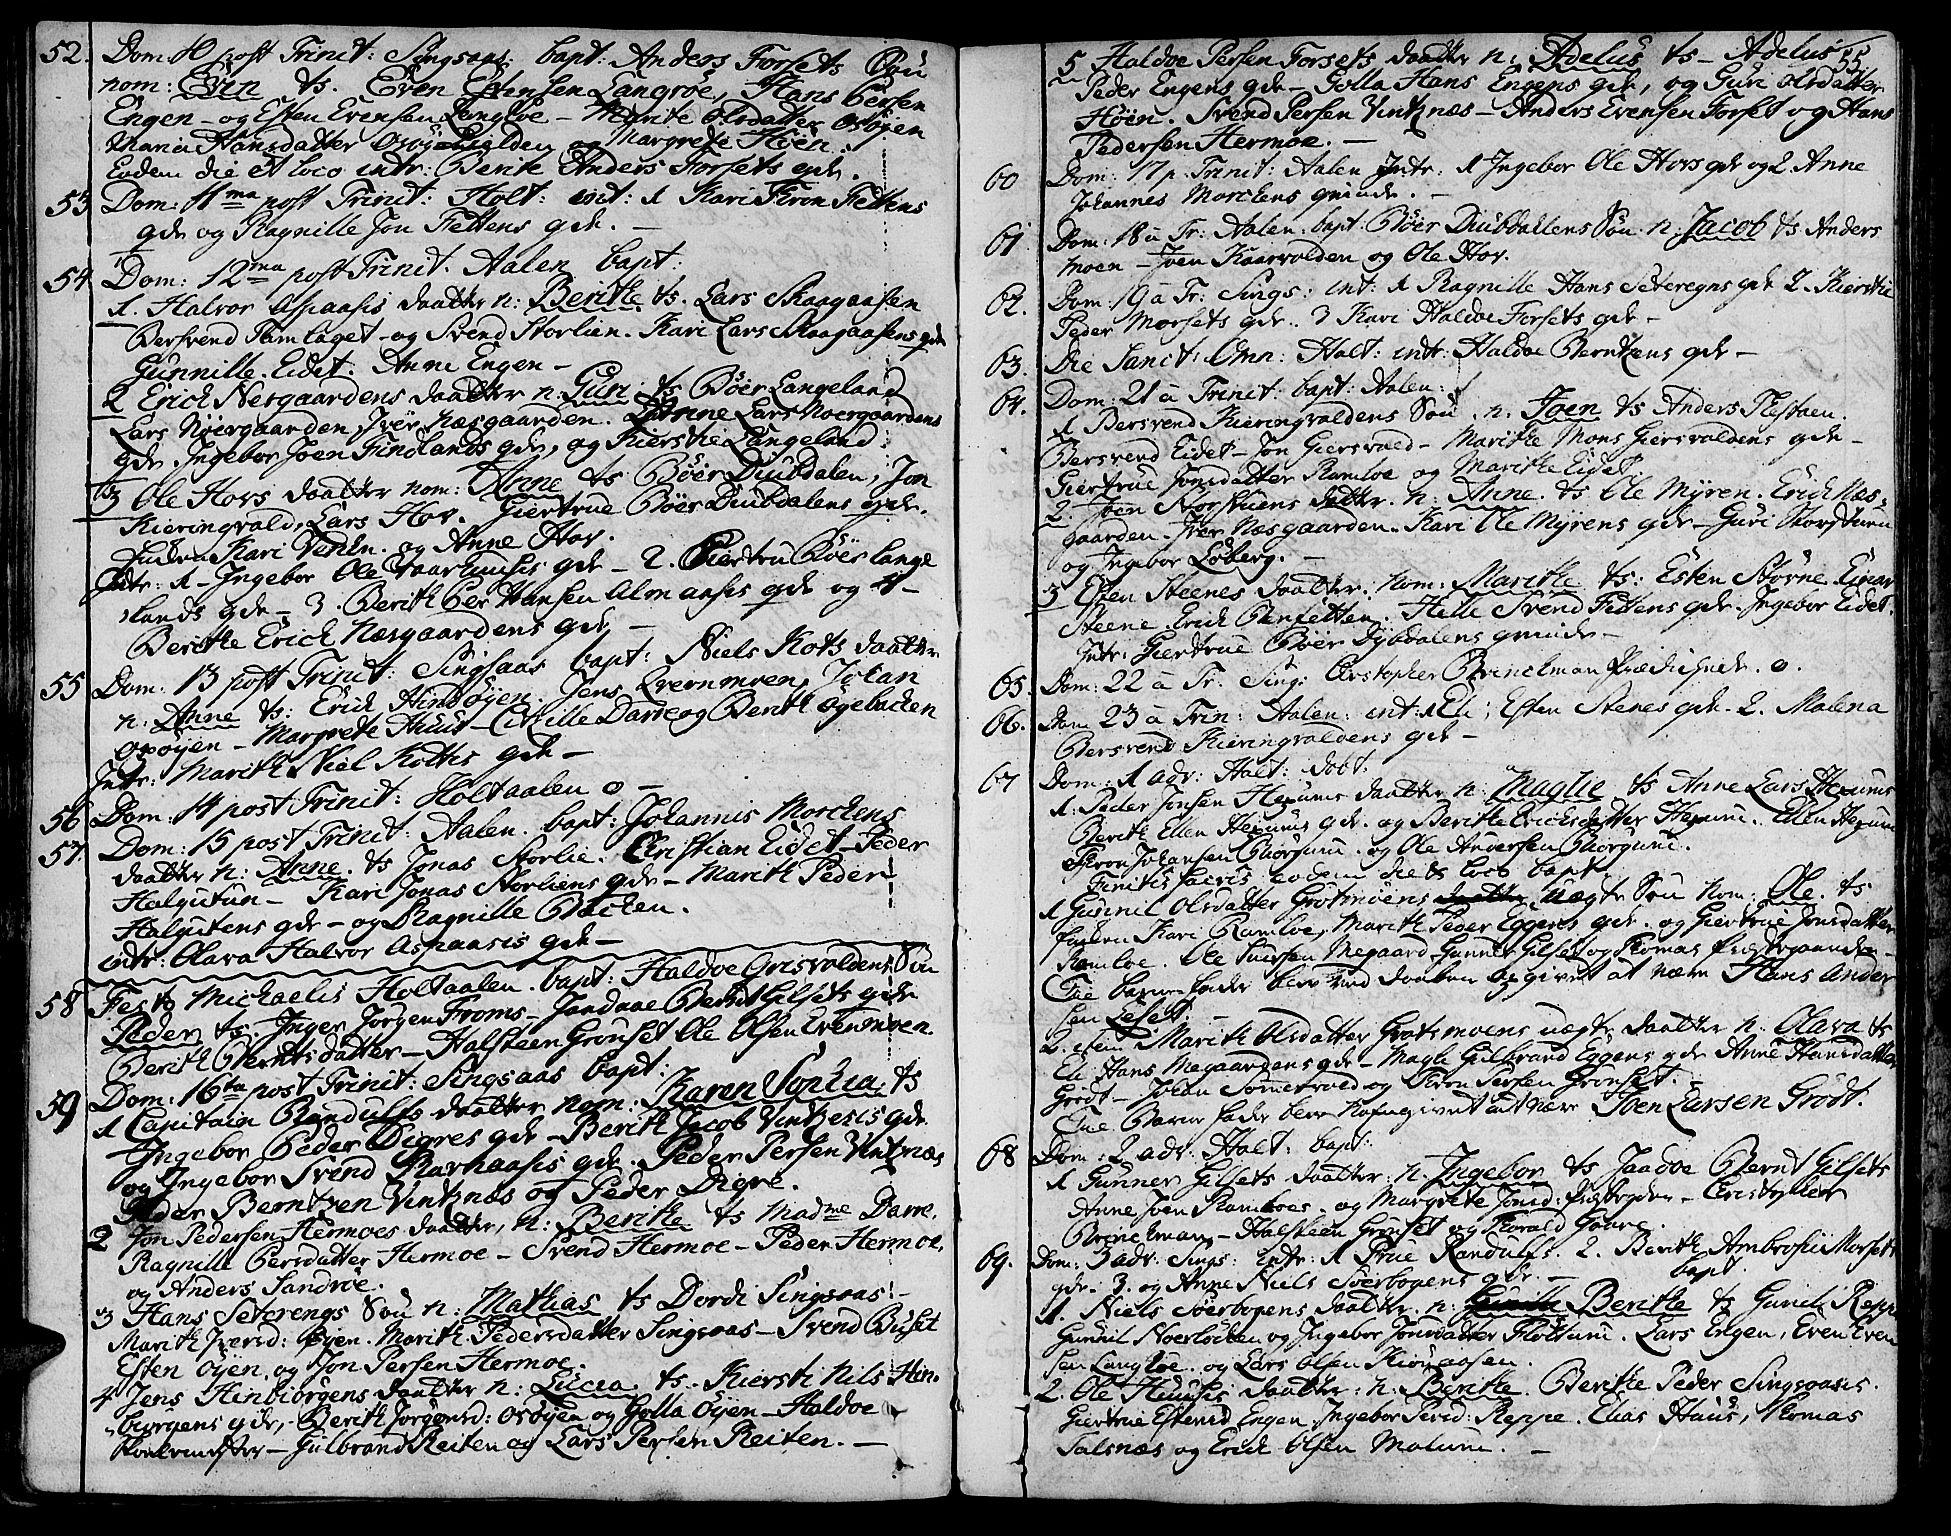 SAT, Ministerialprotokoller, klokkerbøker og fødselsregistre - Sør-Trøndelag, 685/L0952: Ministerialbok nr. 685A01, 1745-1804, s. 55